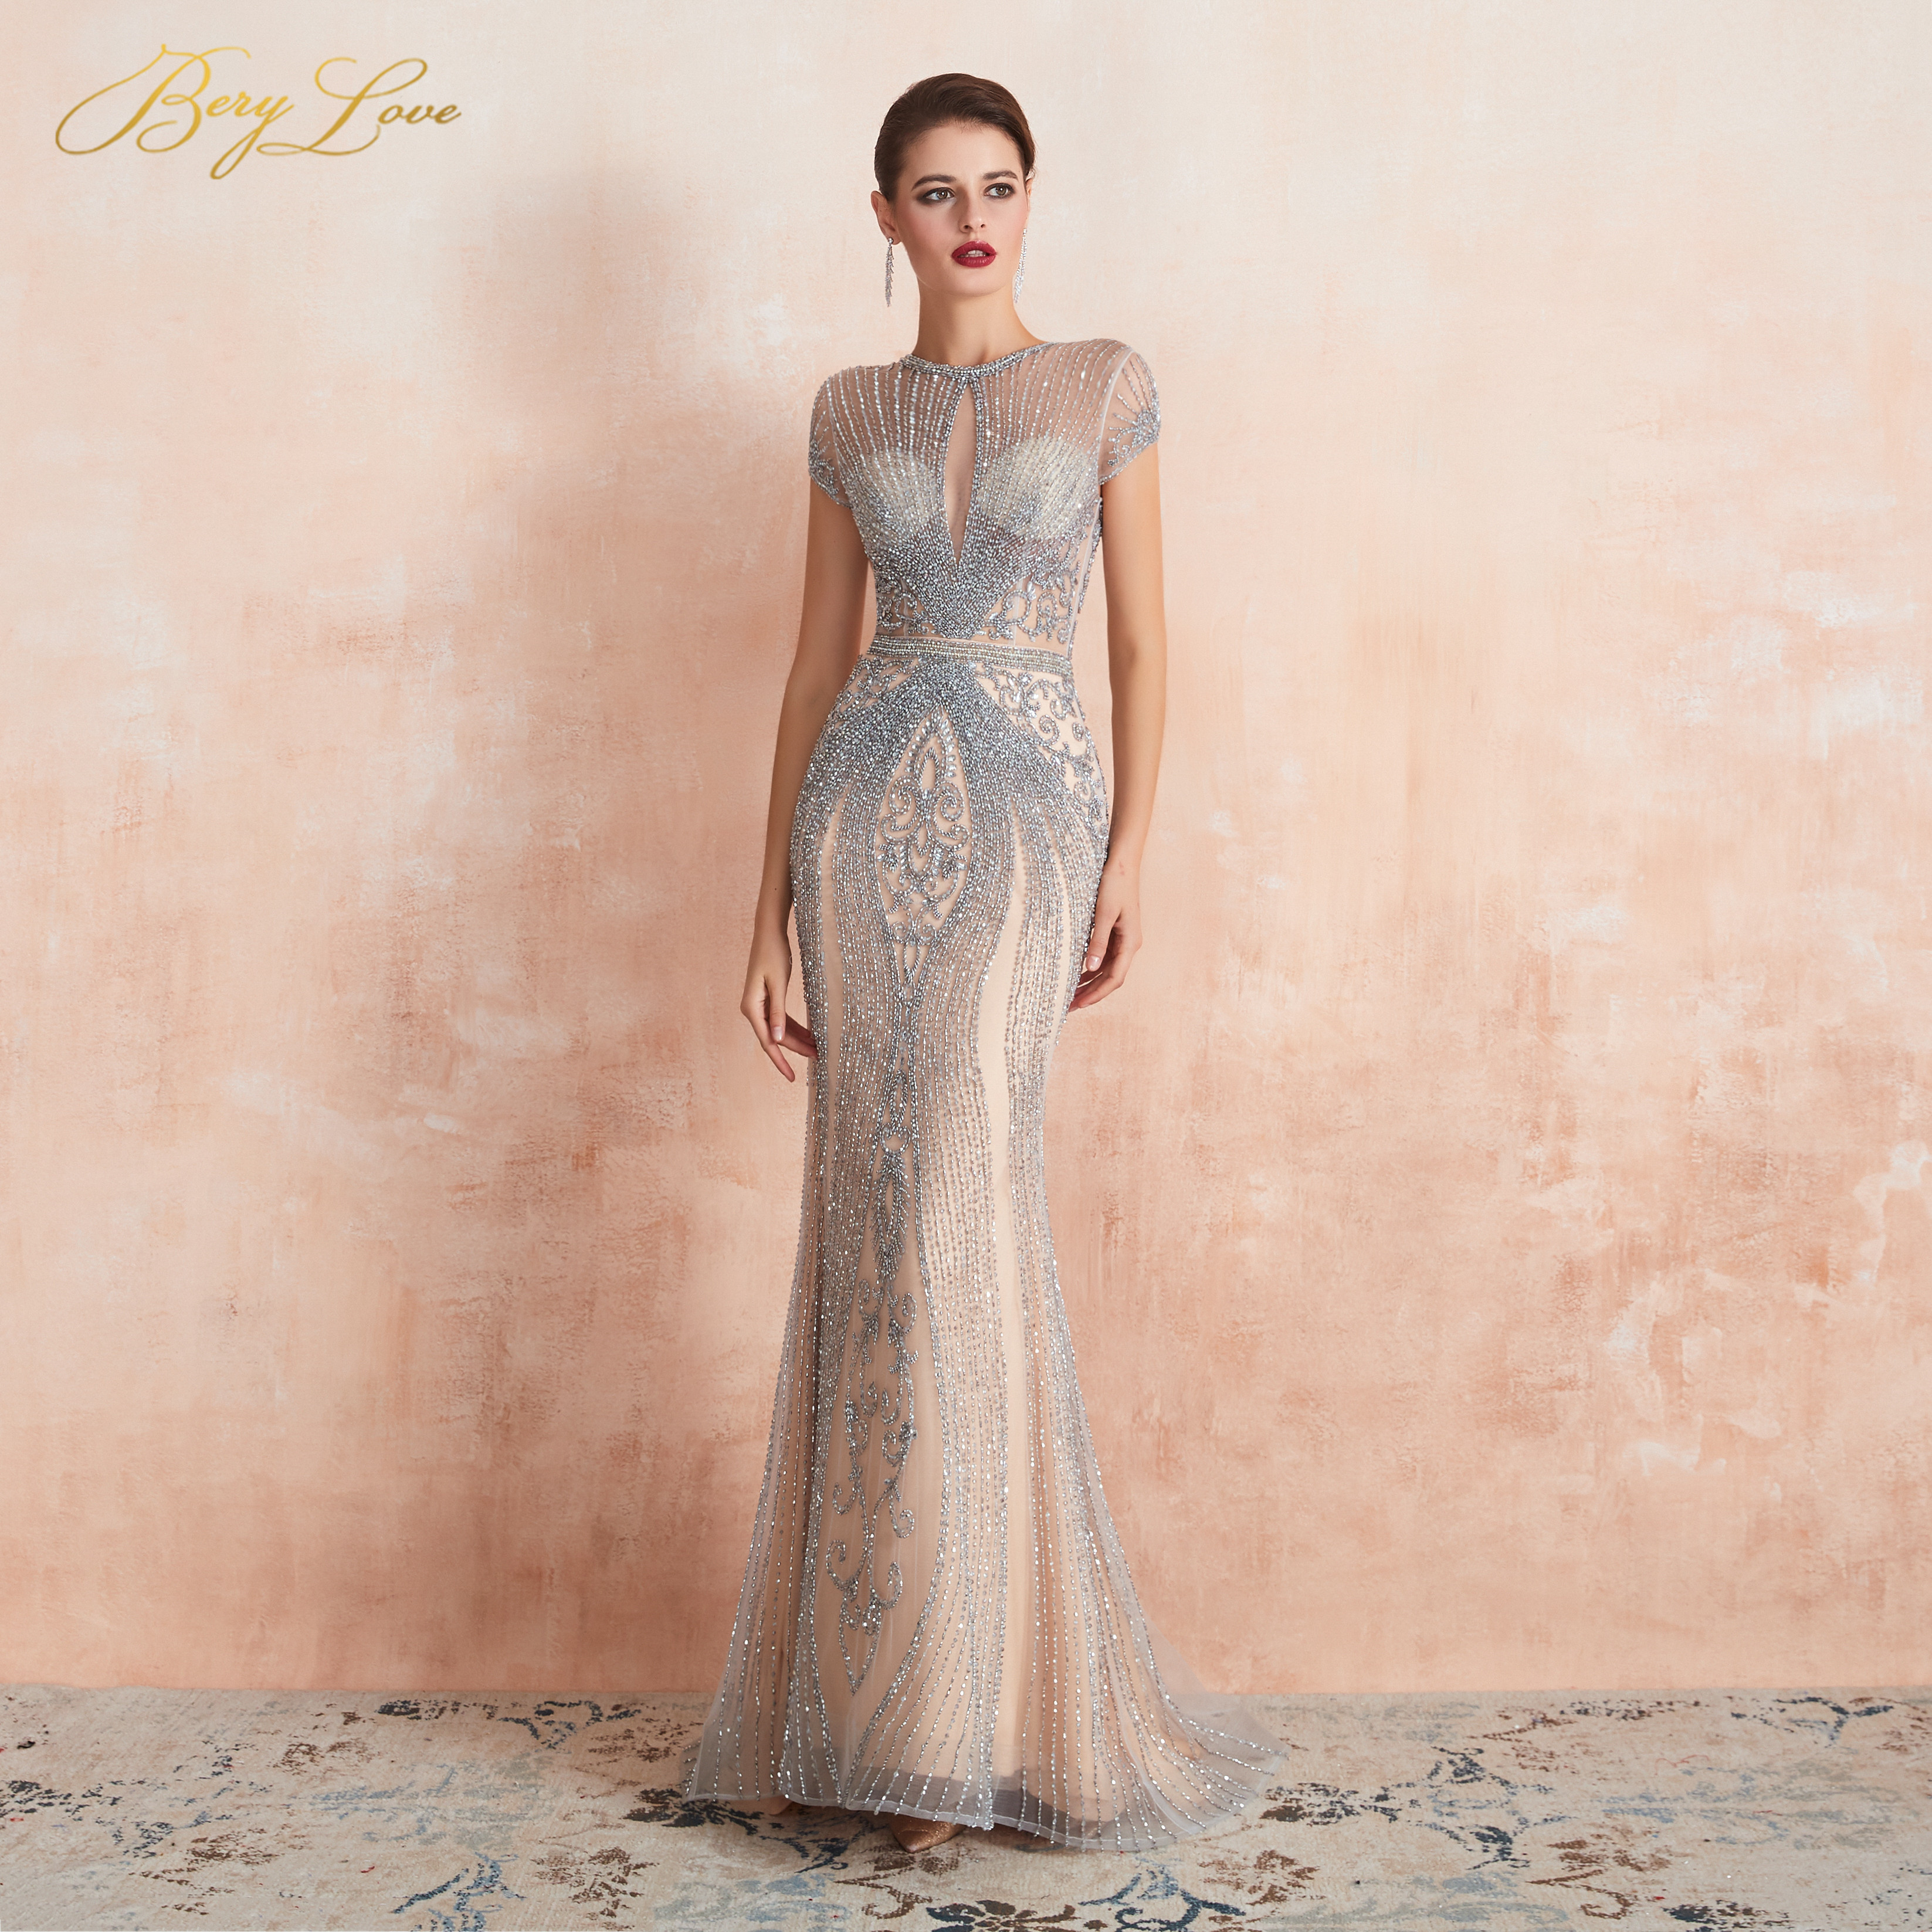 BeryLove 2019 luxe strass Nude sirène robe de soirée Cap manches longues soirée robes de reconstitution historique robe de soirée robe de soirée